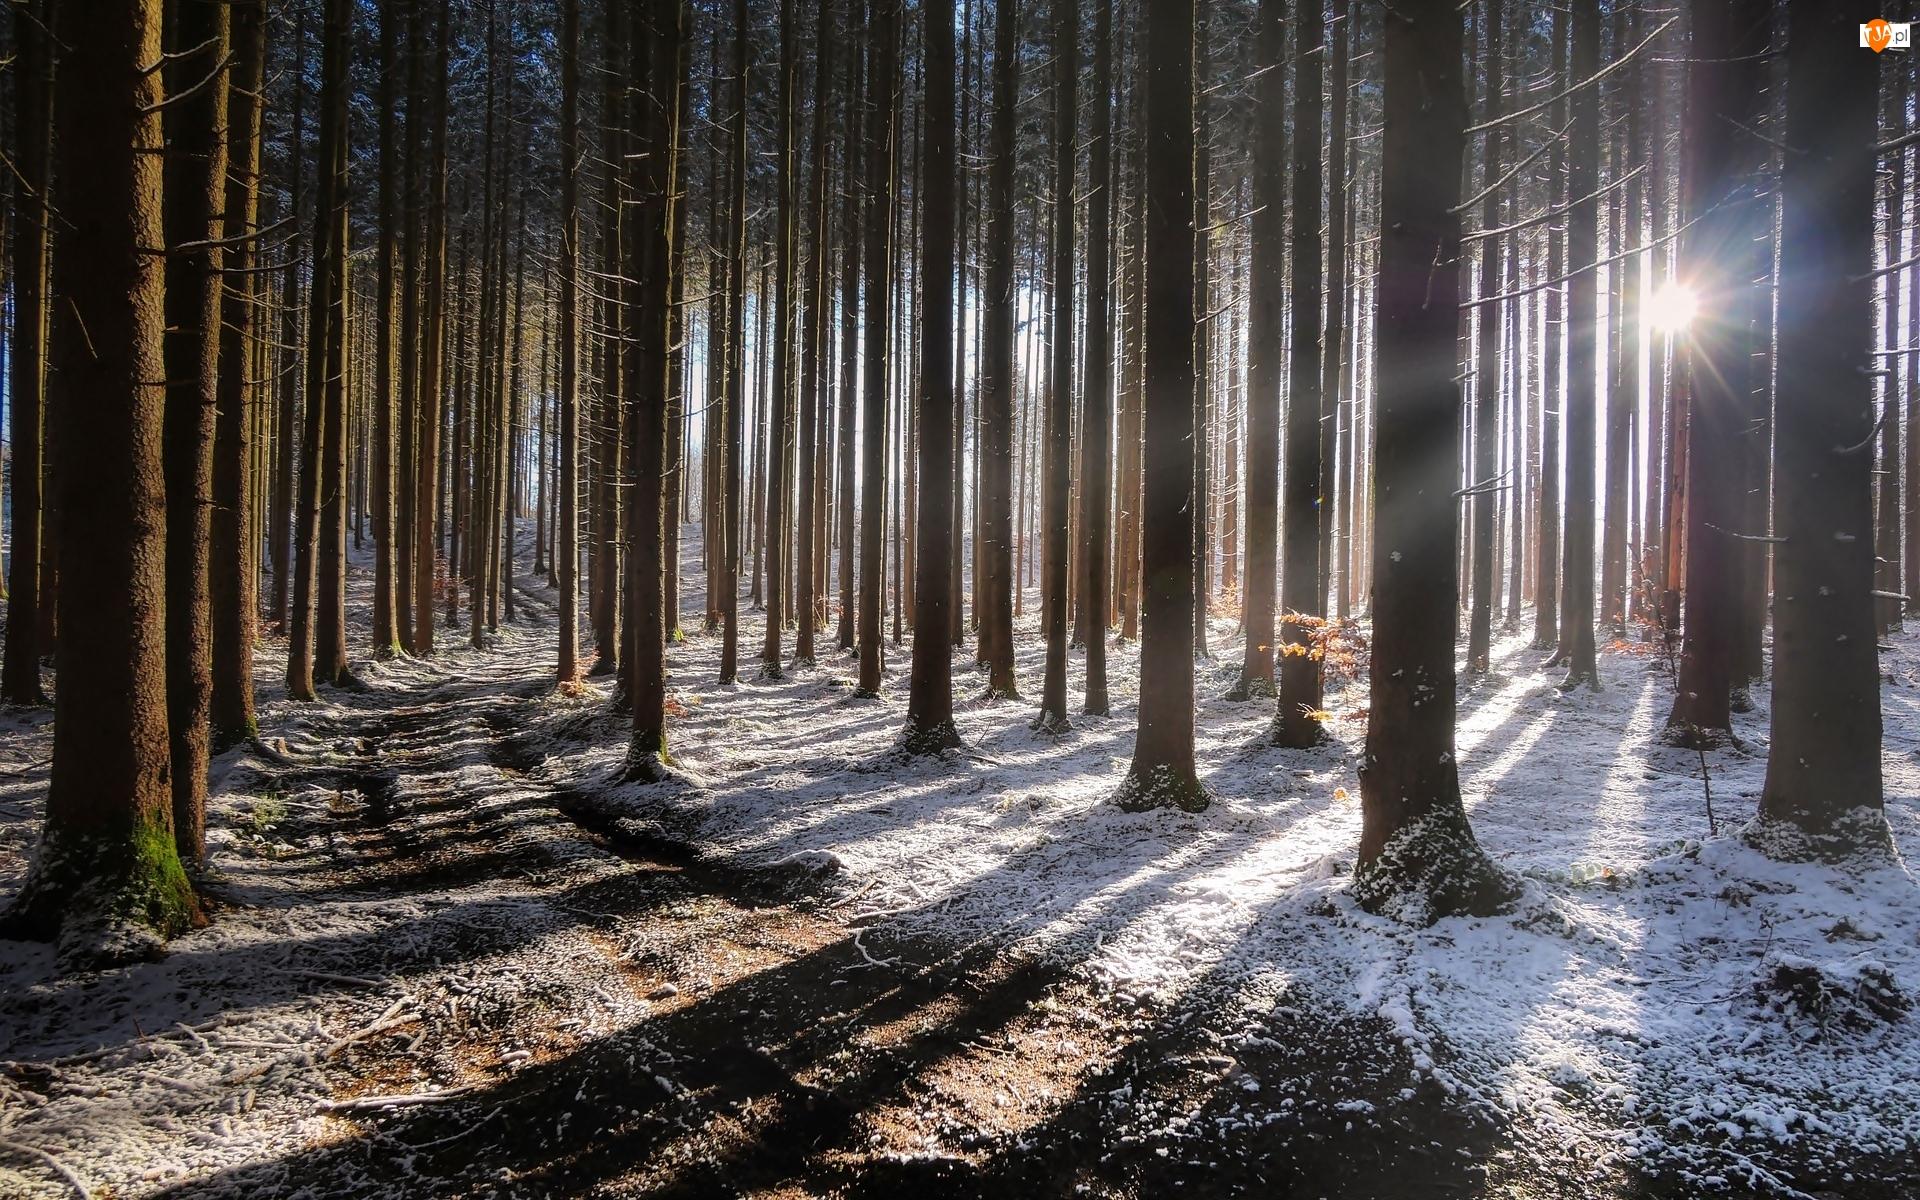 Droga, Las, Drzewa, Zima, Pnie, Promienie słońca